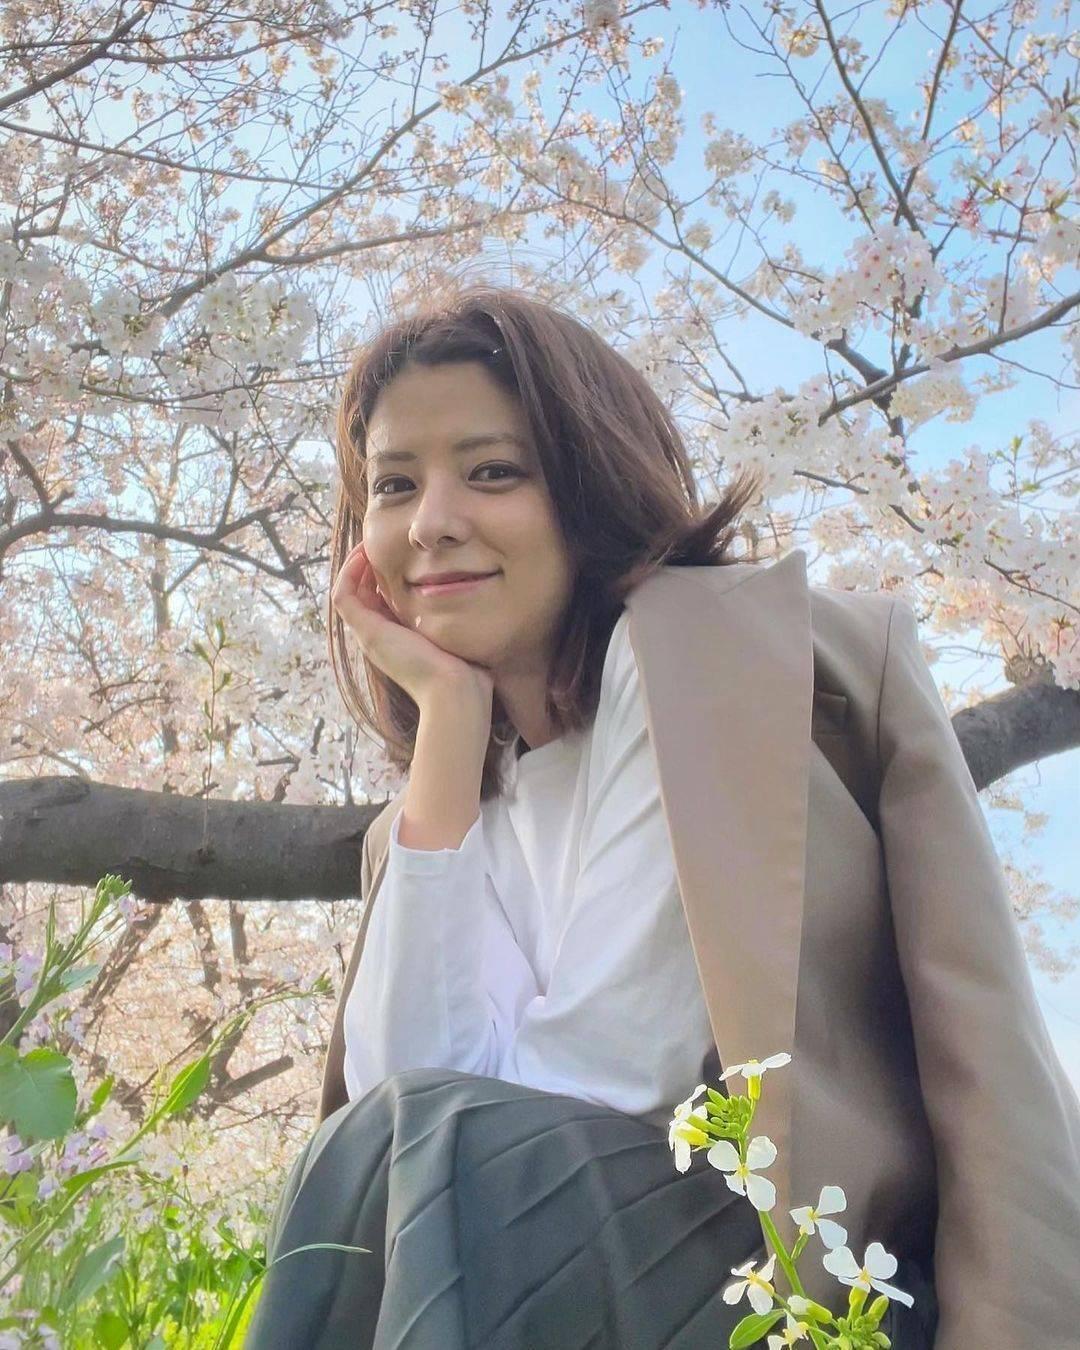 후지이 미나 | 인스티즈